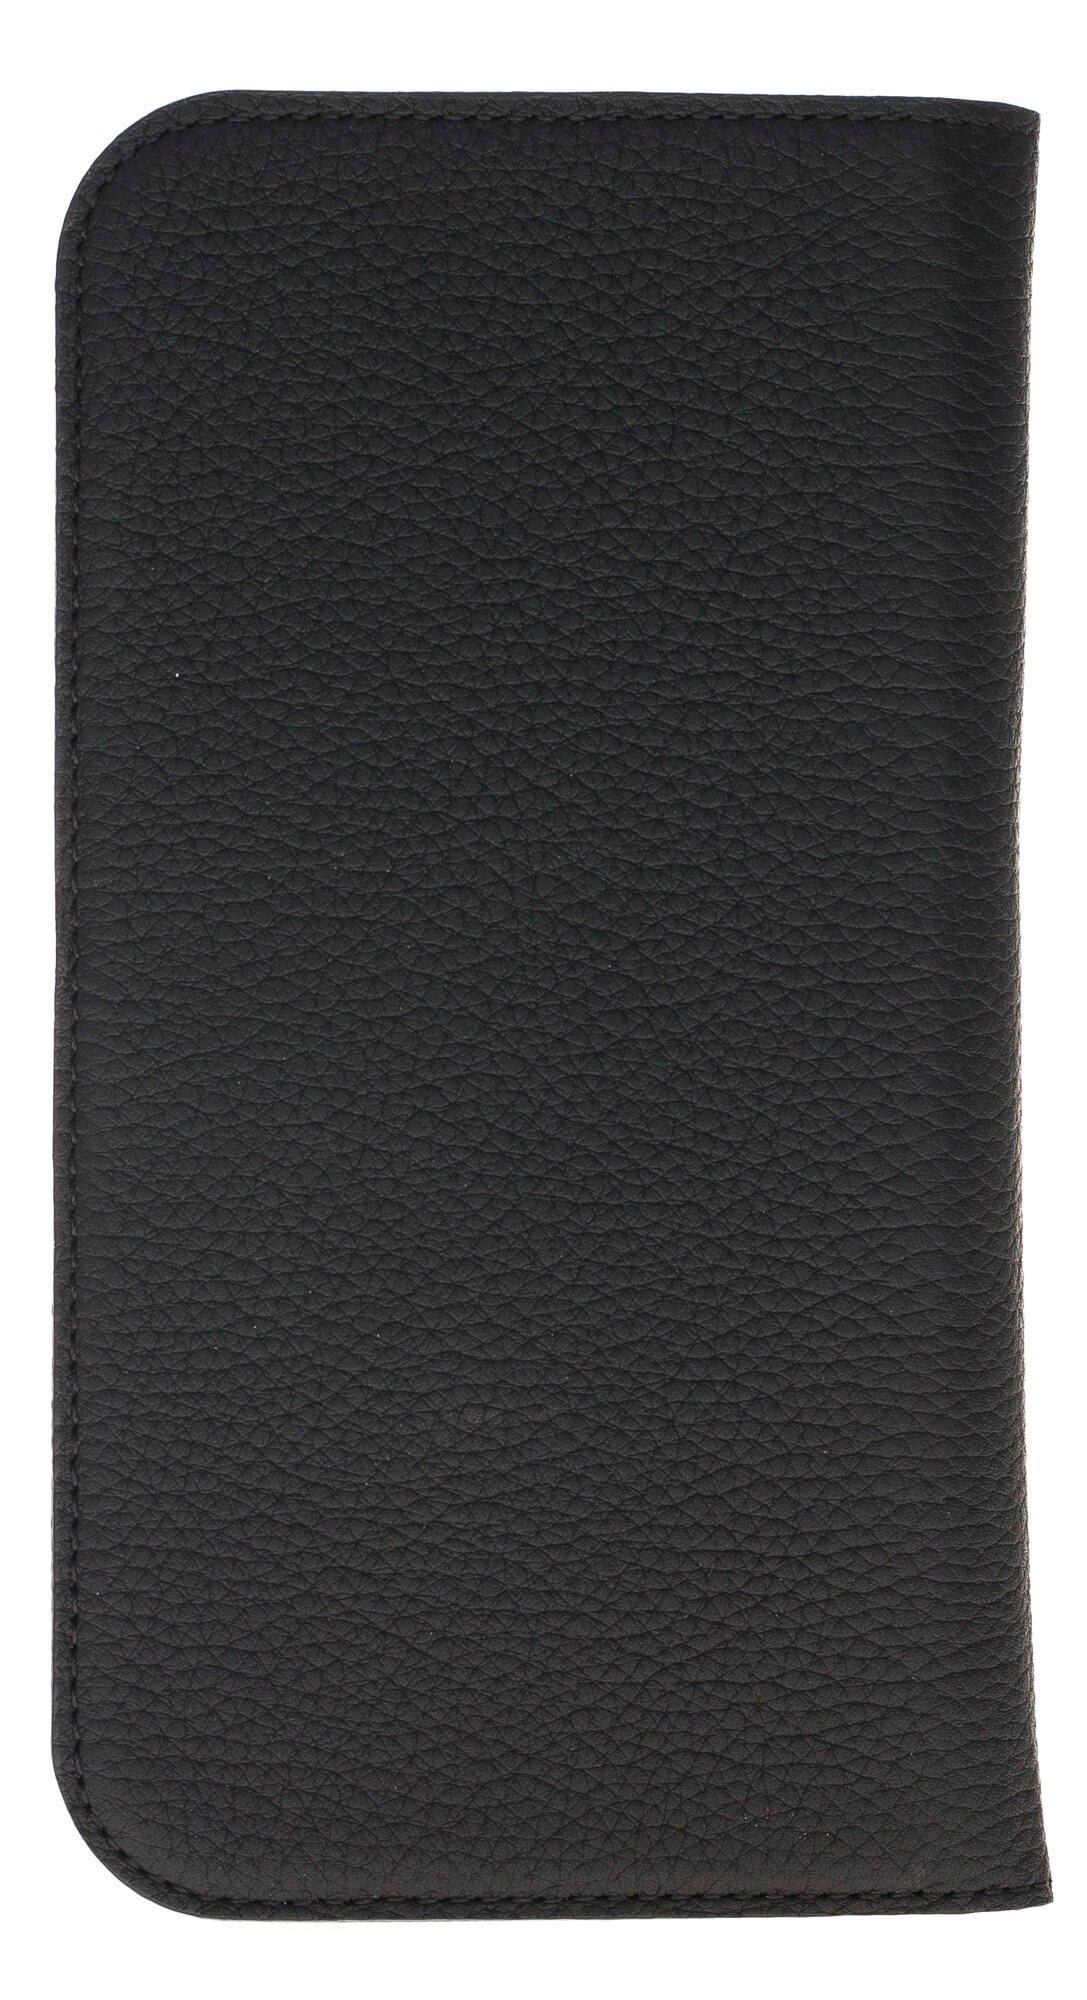 Universal Lederhülle passend für das iPhone x/xs und Geräte ähnlicher Grösse aus echtem Leder in Matt Schwarz (Designer)